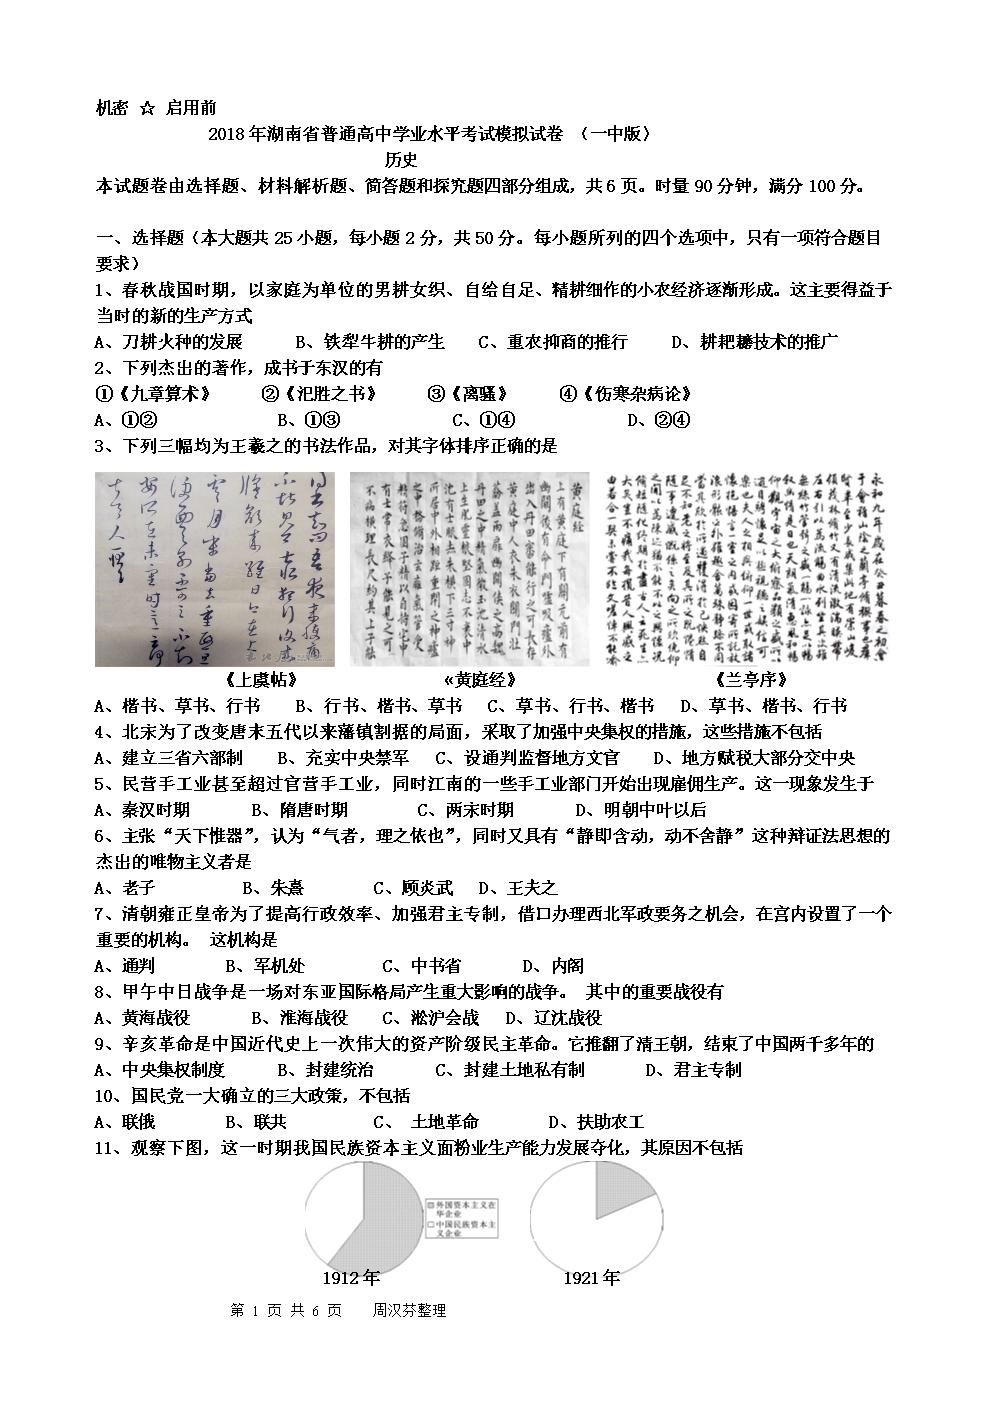 2018年湖南省普通高中遗产水平考试模拟试卷富翁作文精神学业高中们的图片